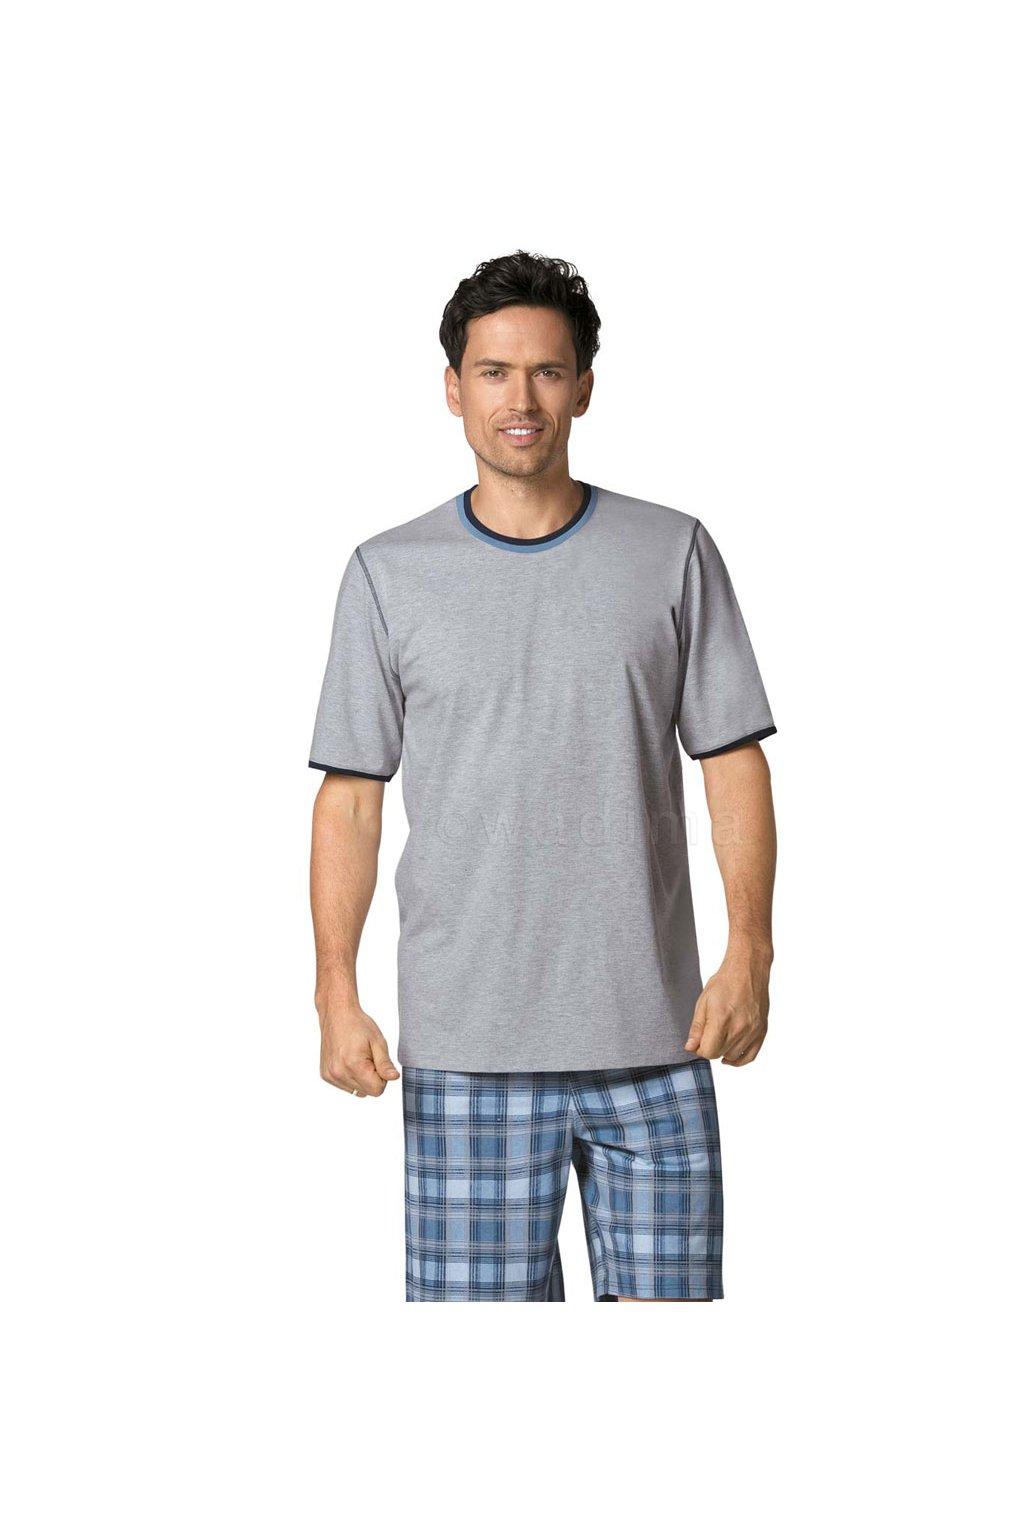 Pánské pyžamo s krátkým rukávem, 20477 30, šedá